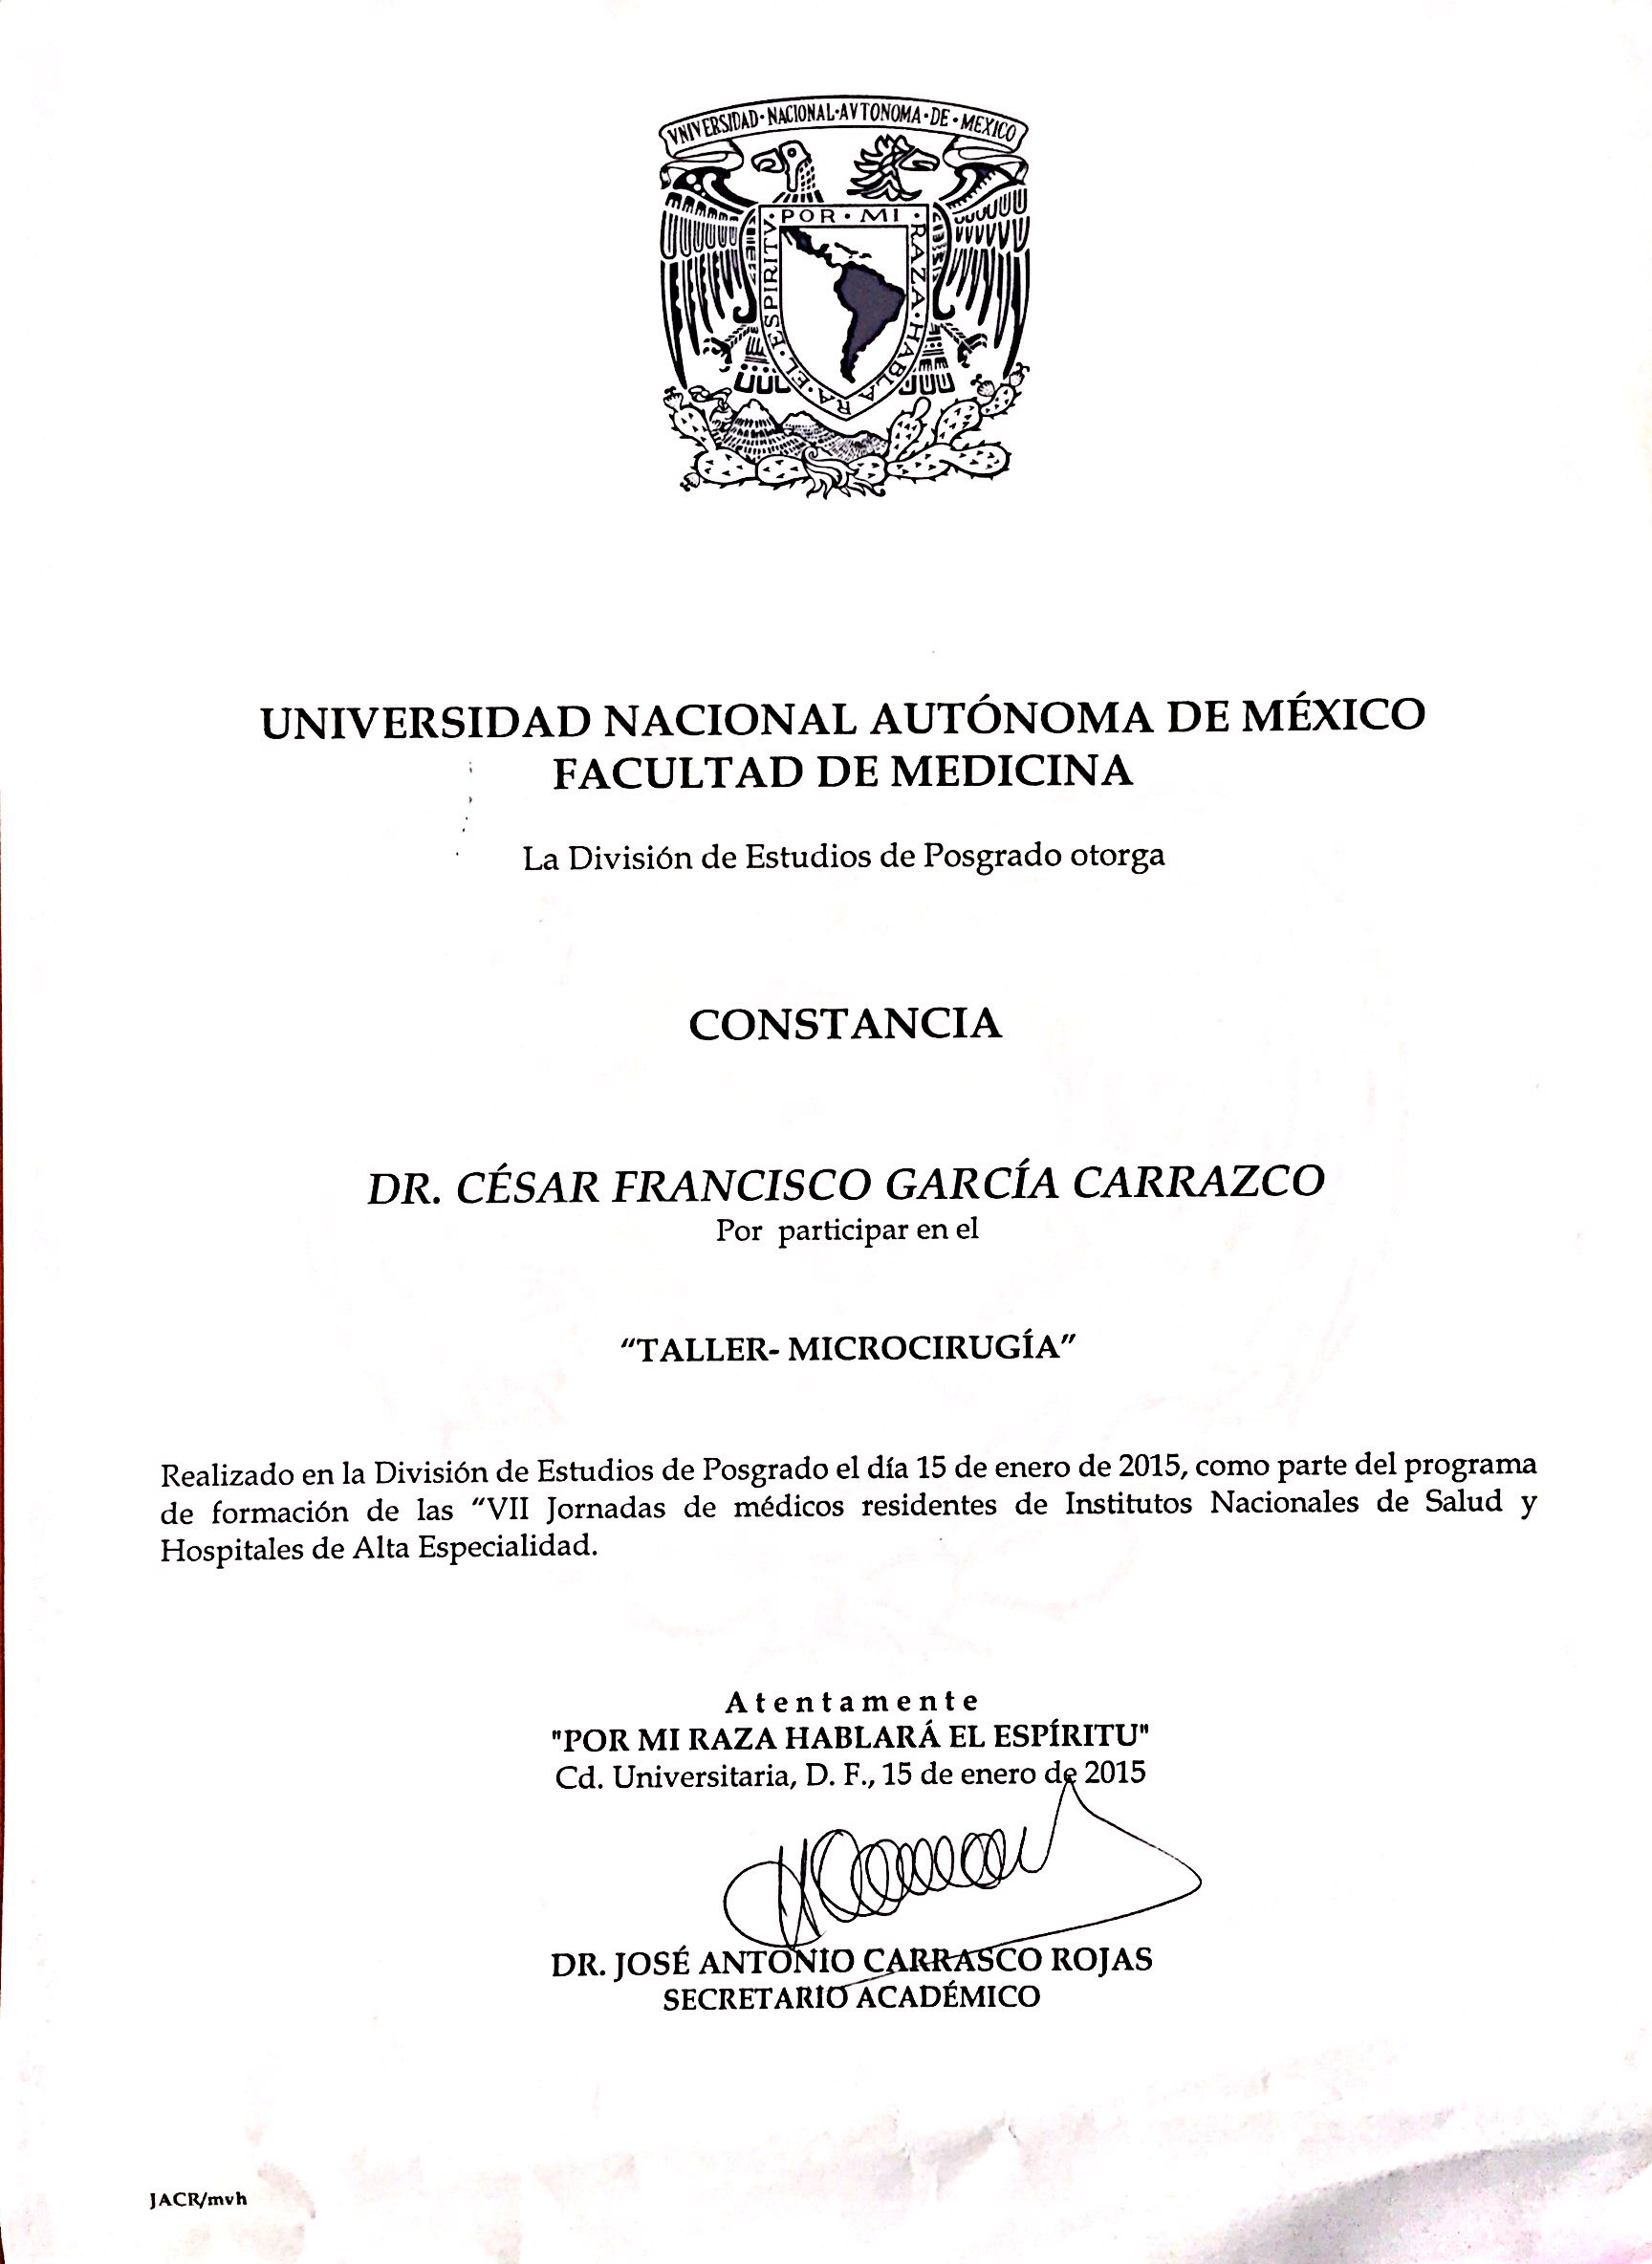 Dr. Garcia Carrazco_38